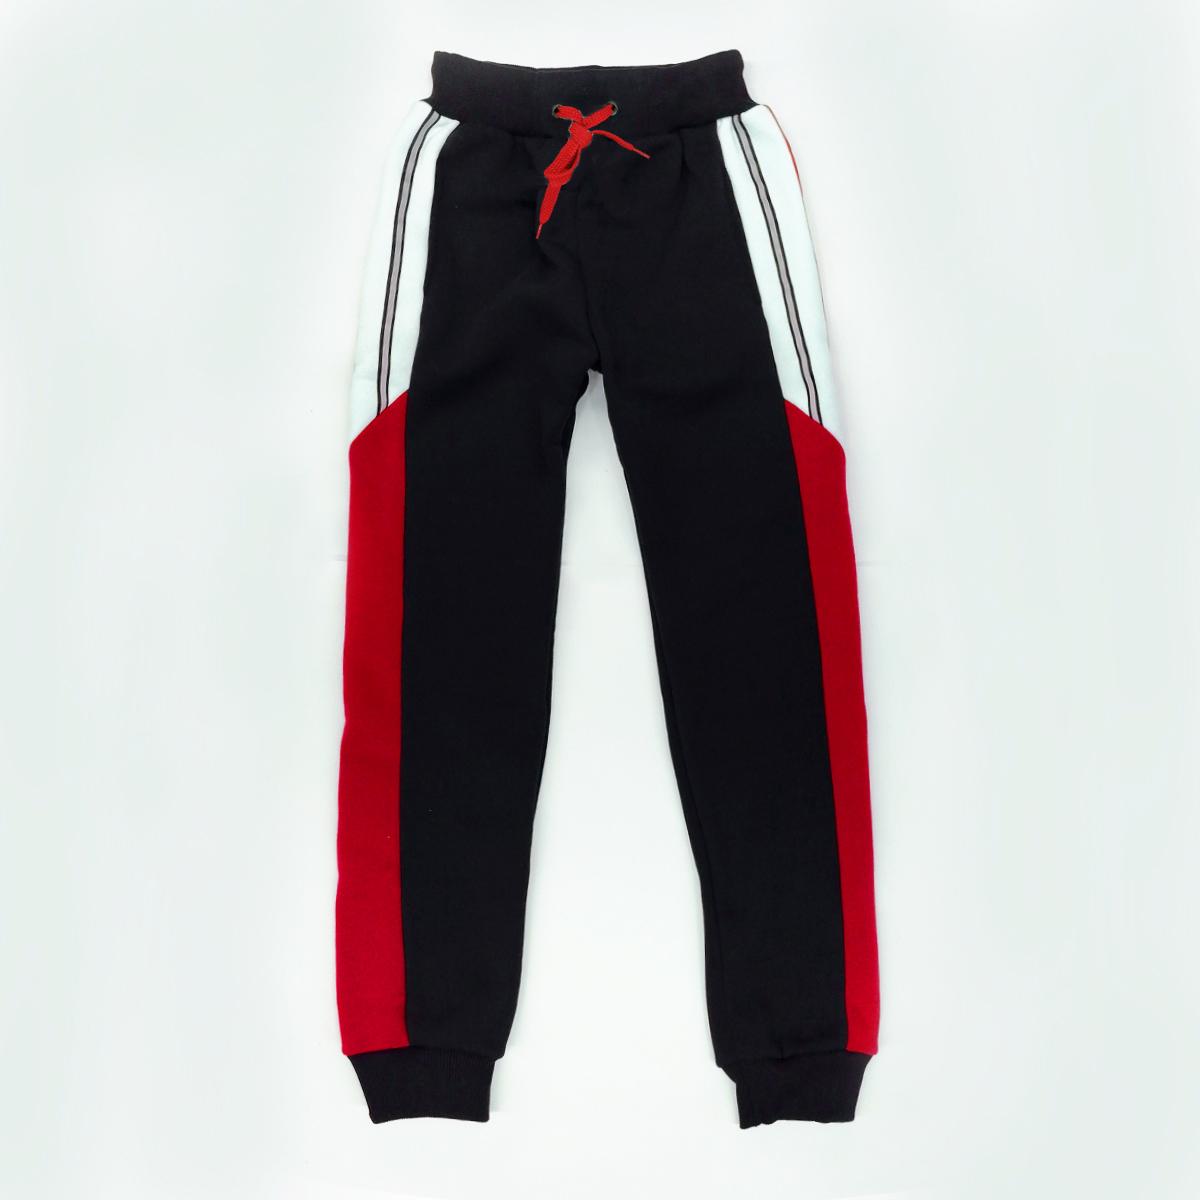 Штаны утепленные для мальчика SmileTime Streak, черные с красным